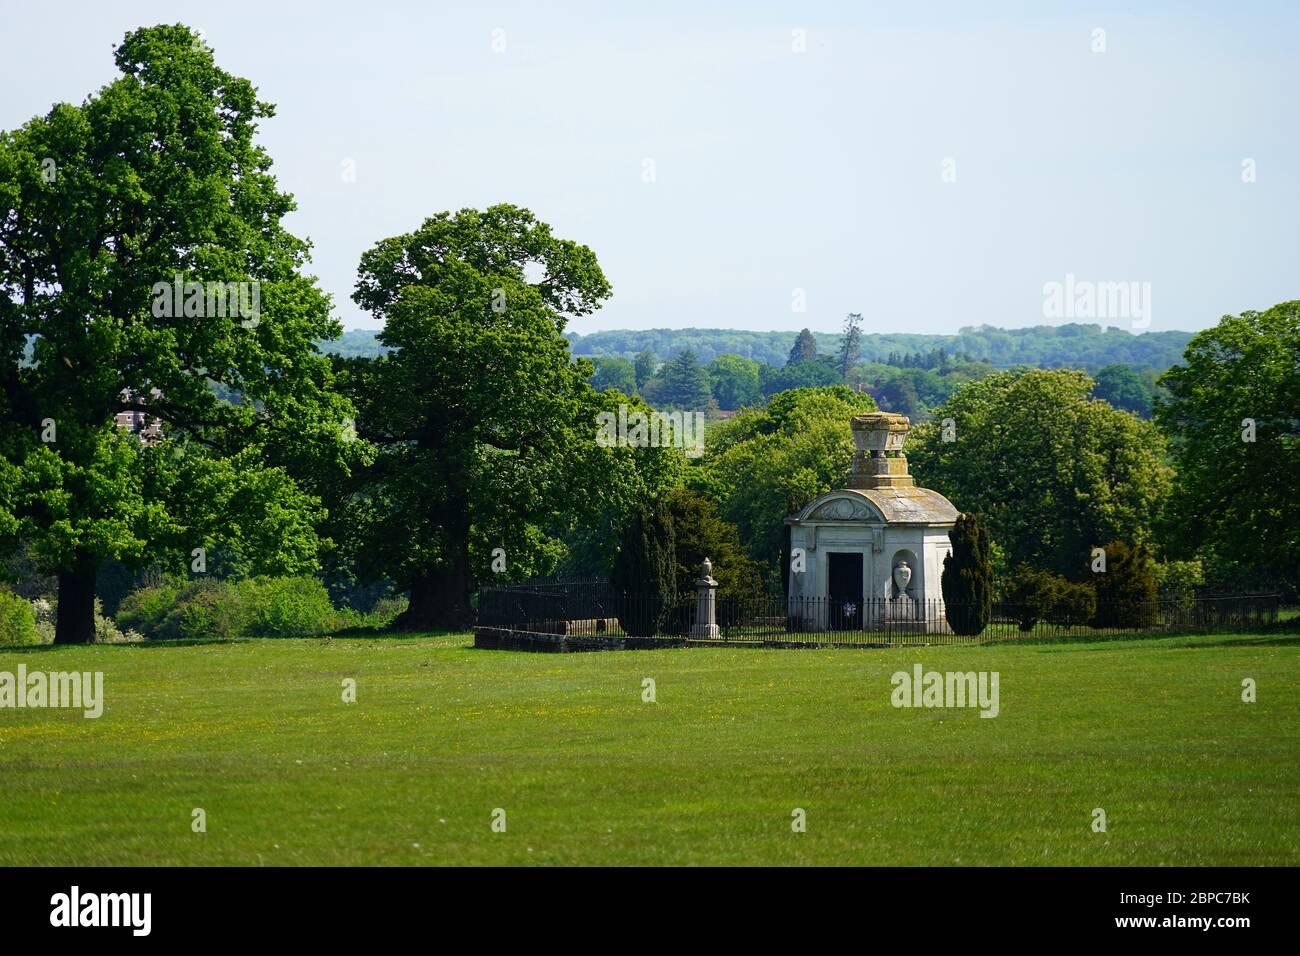 Das Mausoleum der Familie Lytton im Knebworth Park Stockfoto